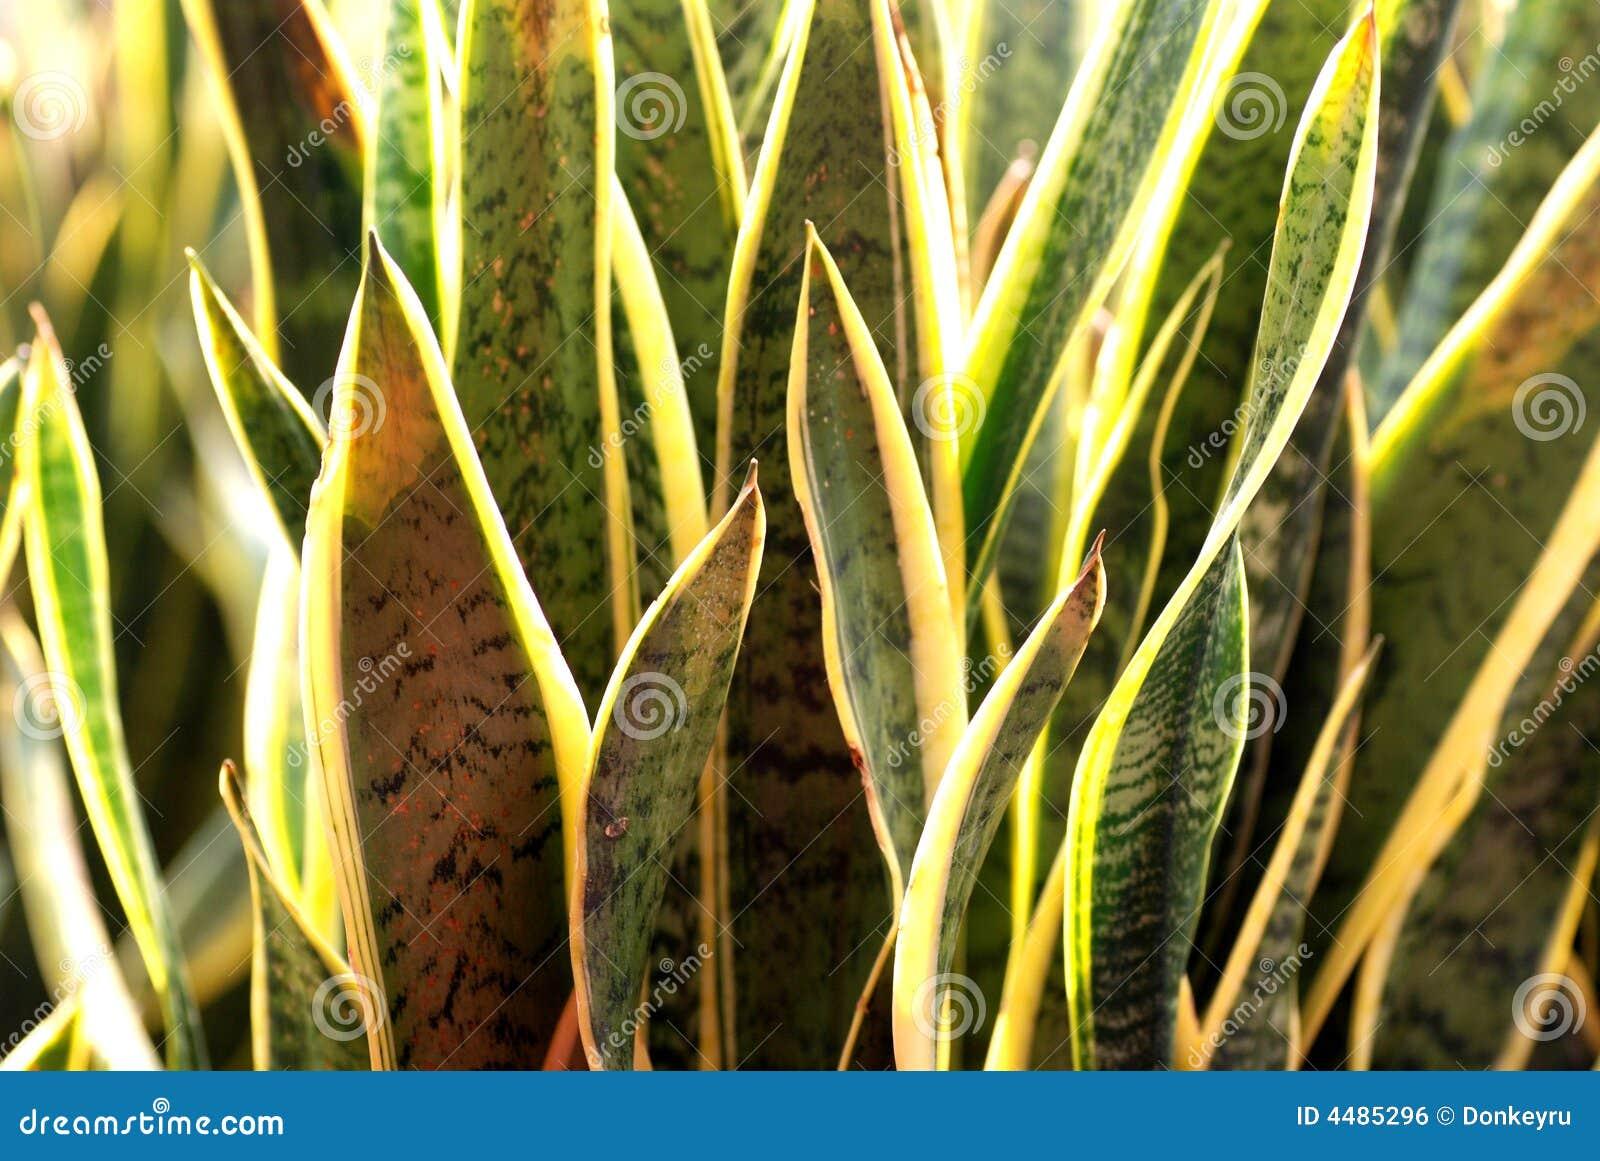 Pianta di serpente immagine stock libera da diritti for Pianta di more